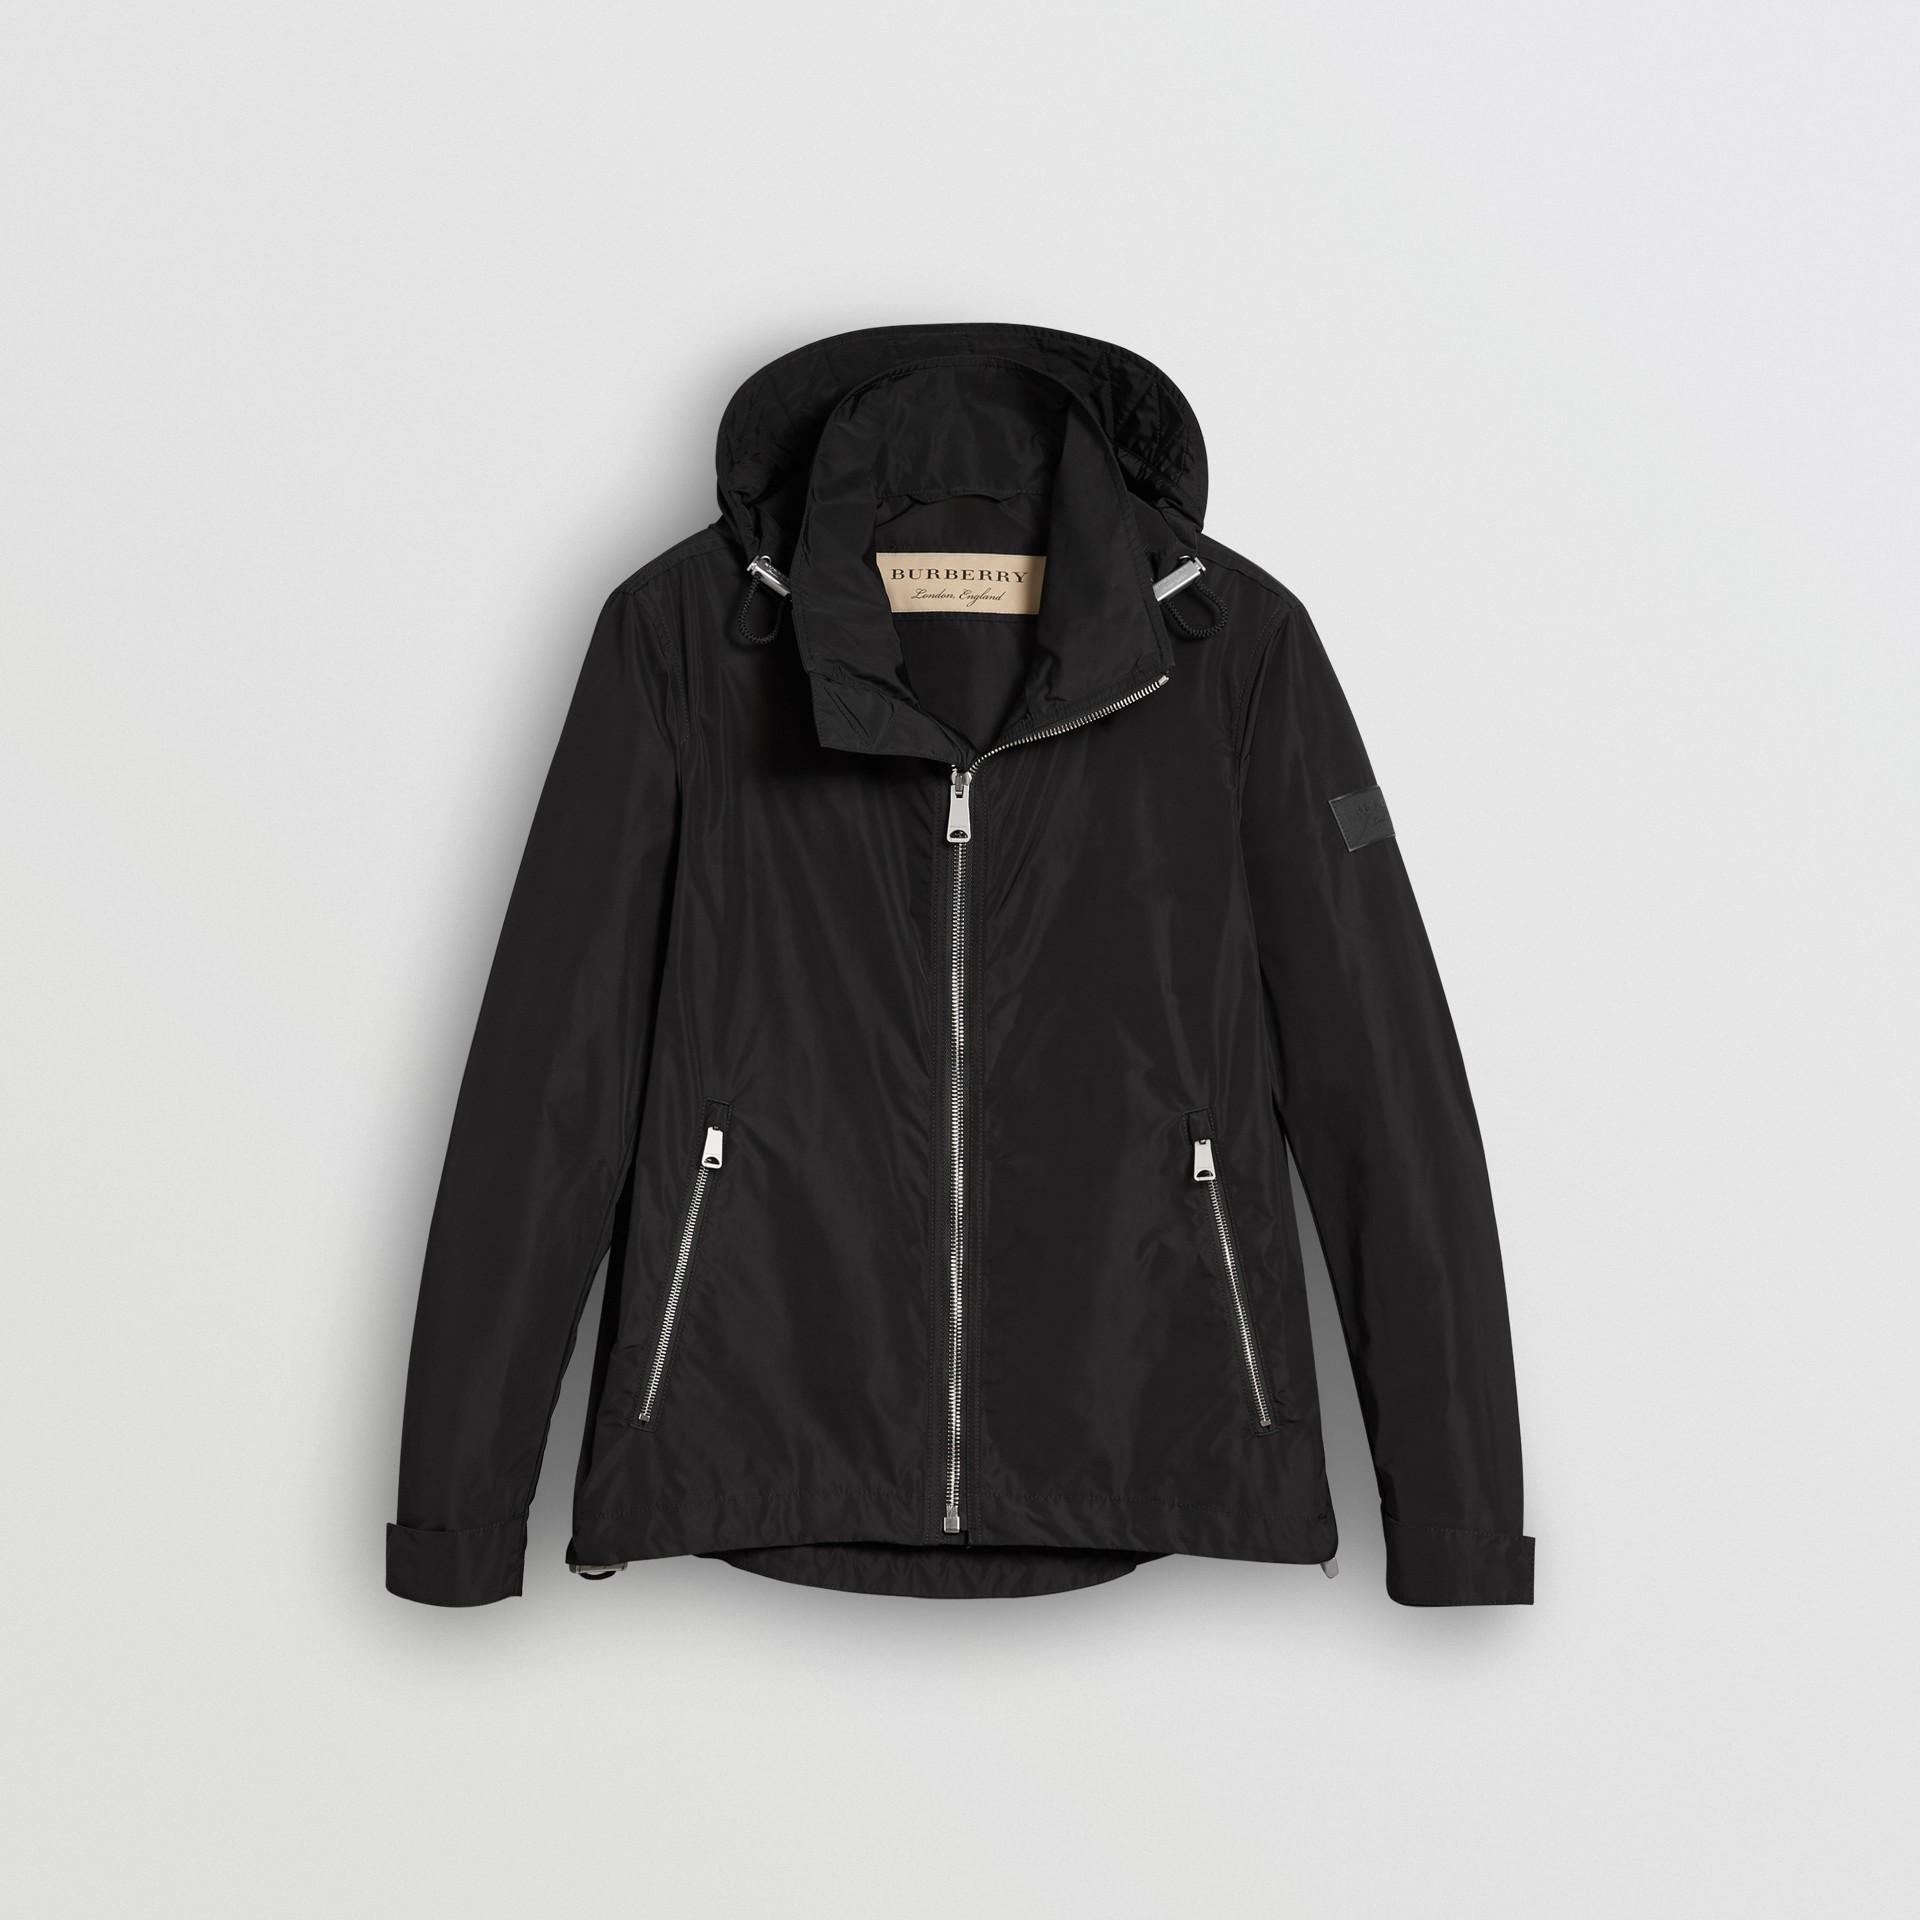 Jaqueta resistente à água com capuz embutido (Preto) - Homens | Burberry - galeria de imagens 3